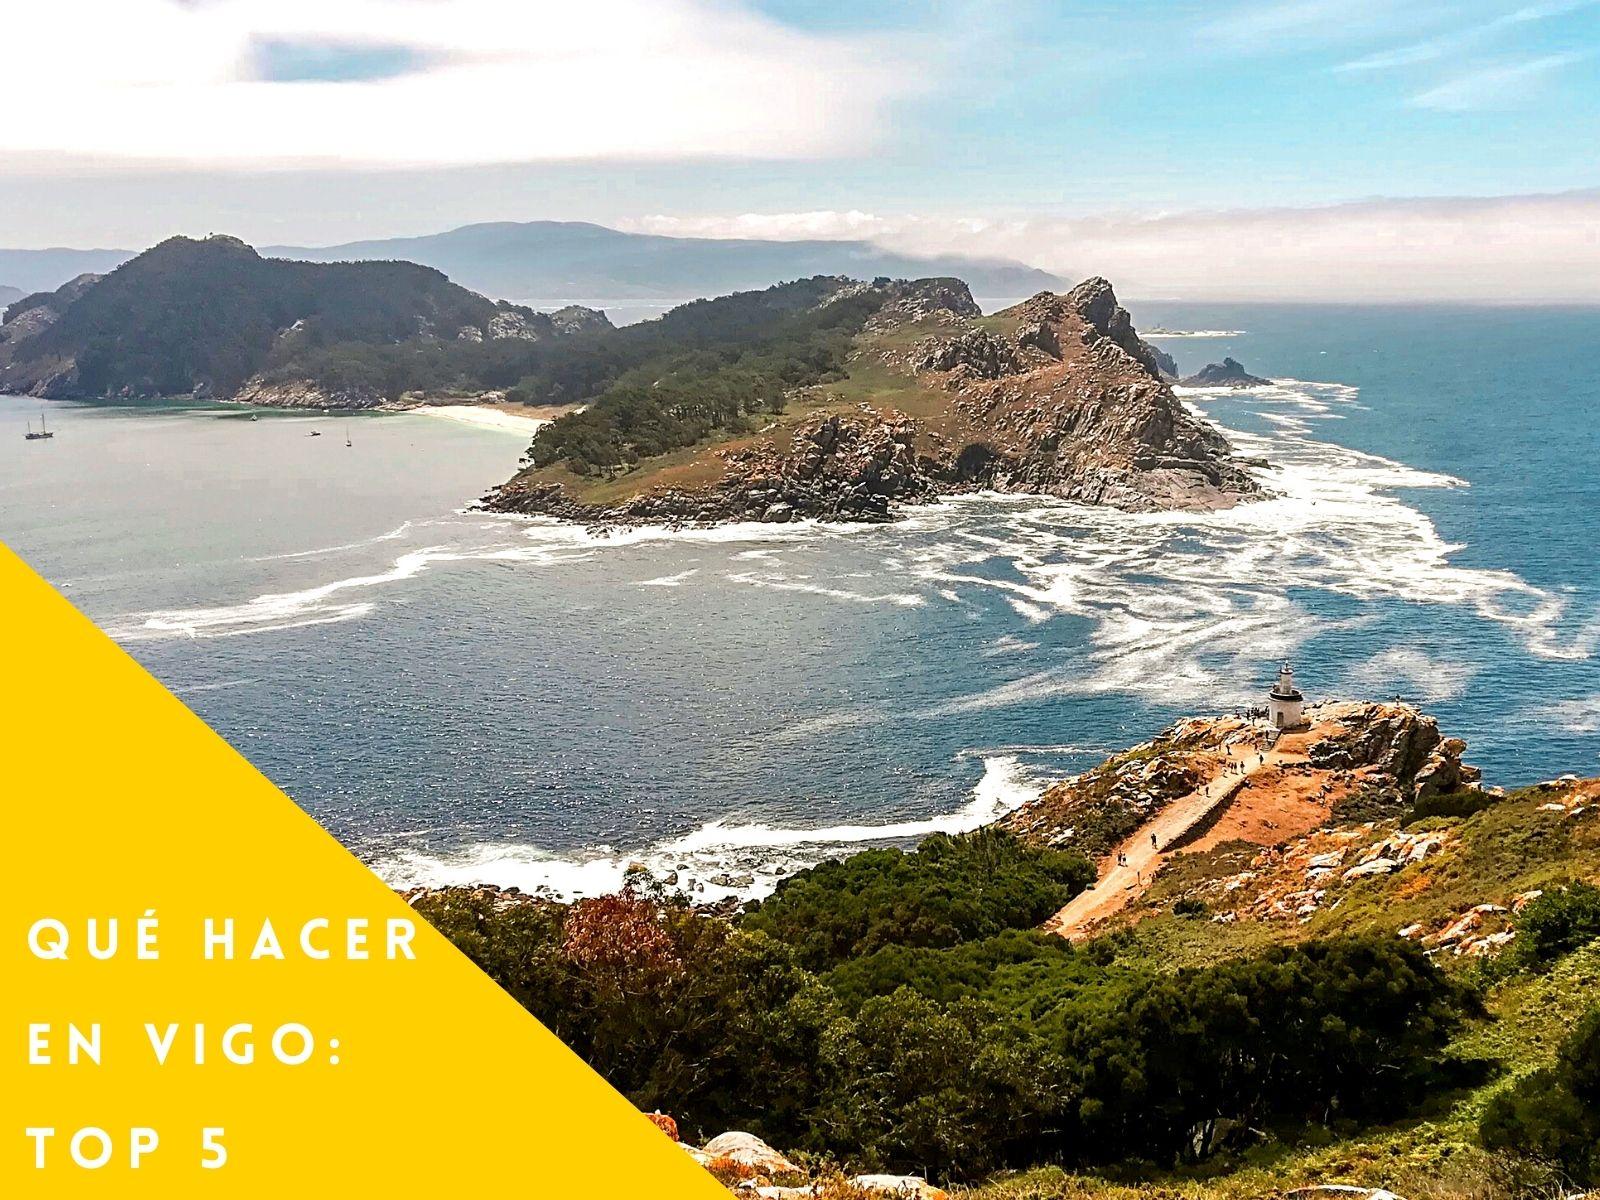 Qué hacer en Vigo: TOP 5